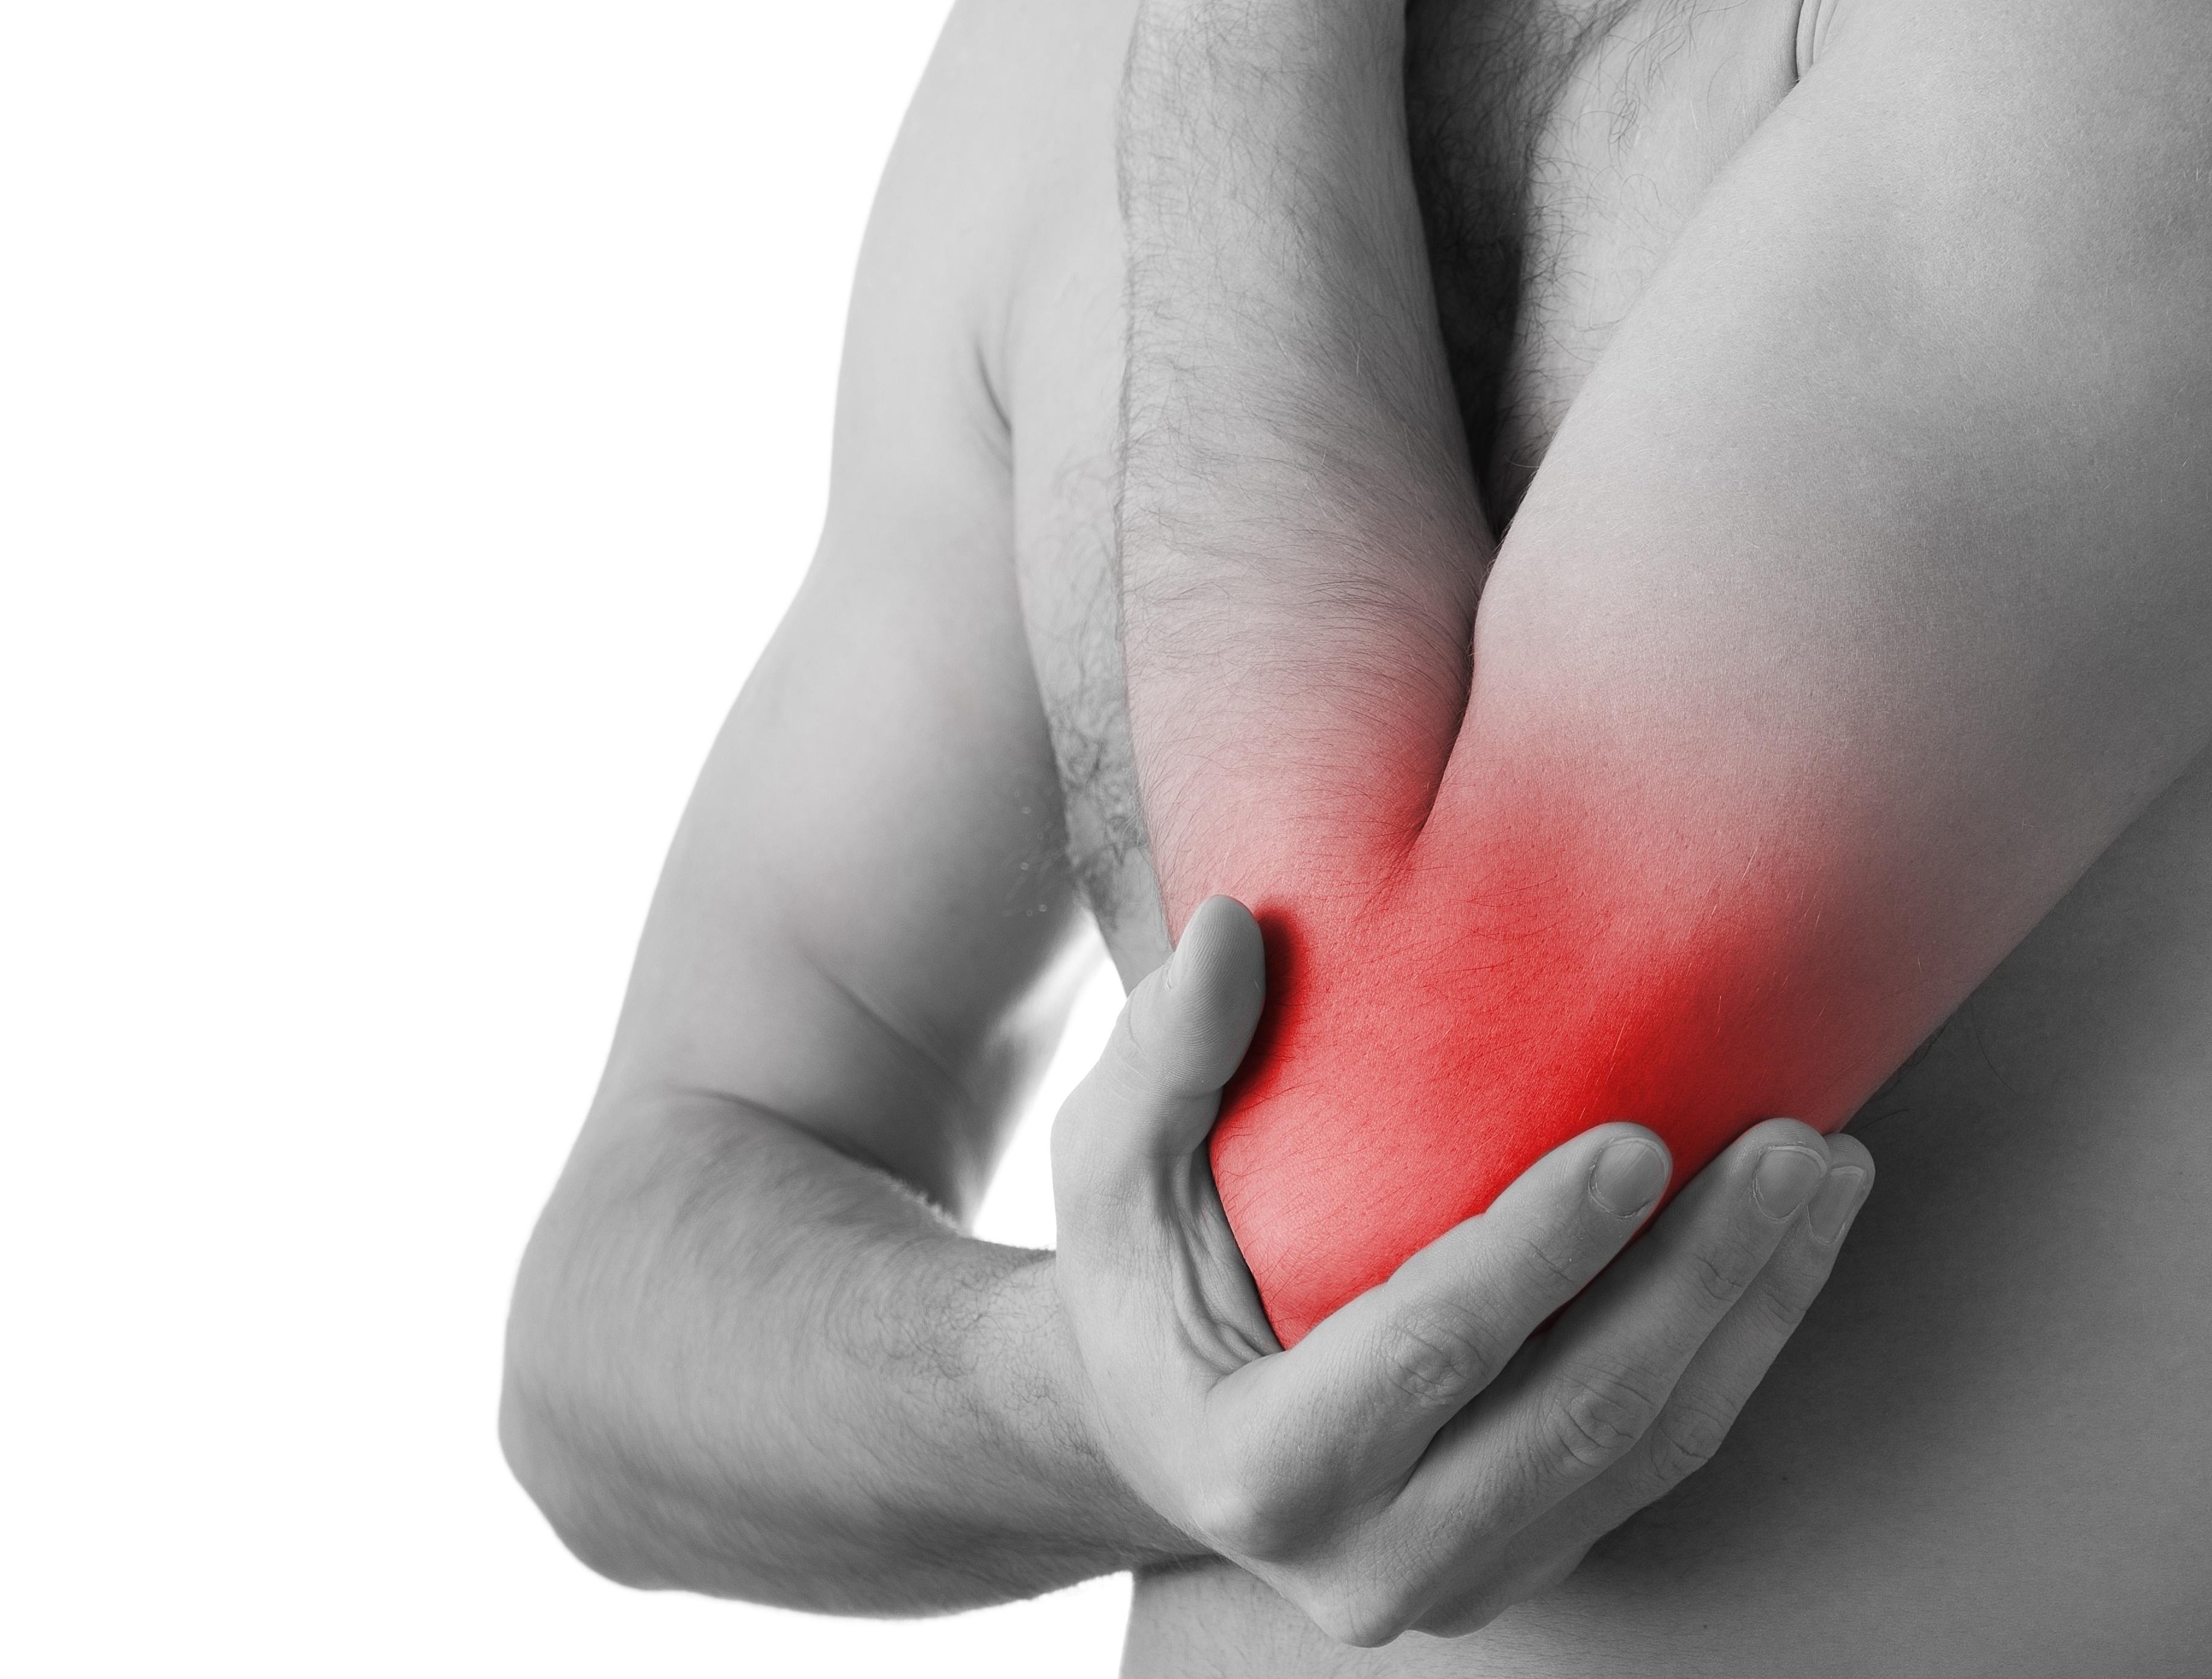 alternatív kezelések a térd ízületi gyulladás esetén fájdalom a térdízületek meniszkuszában